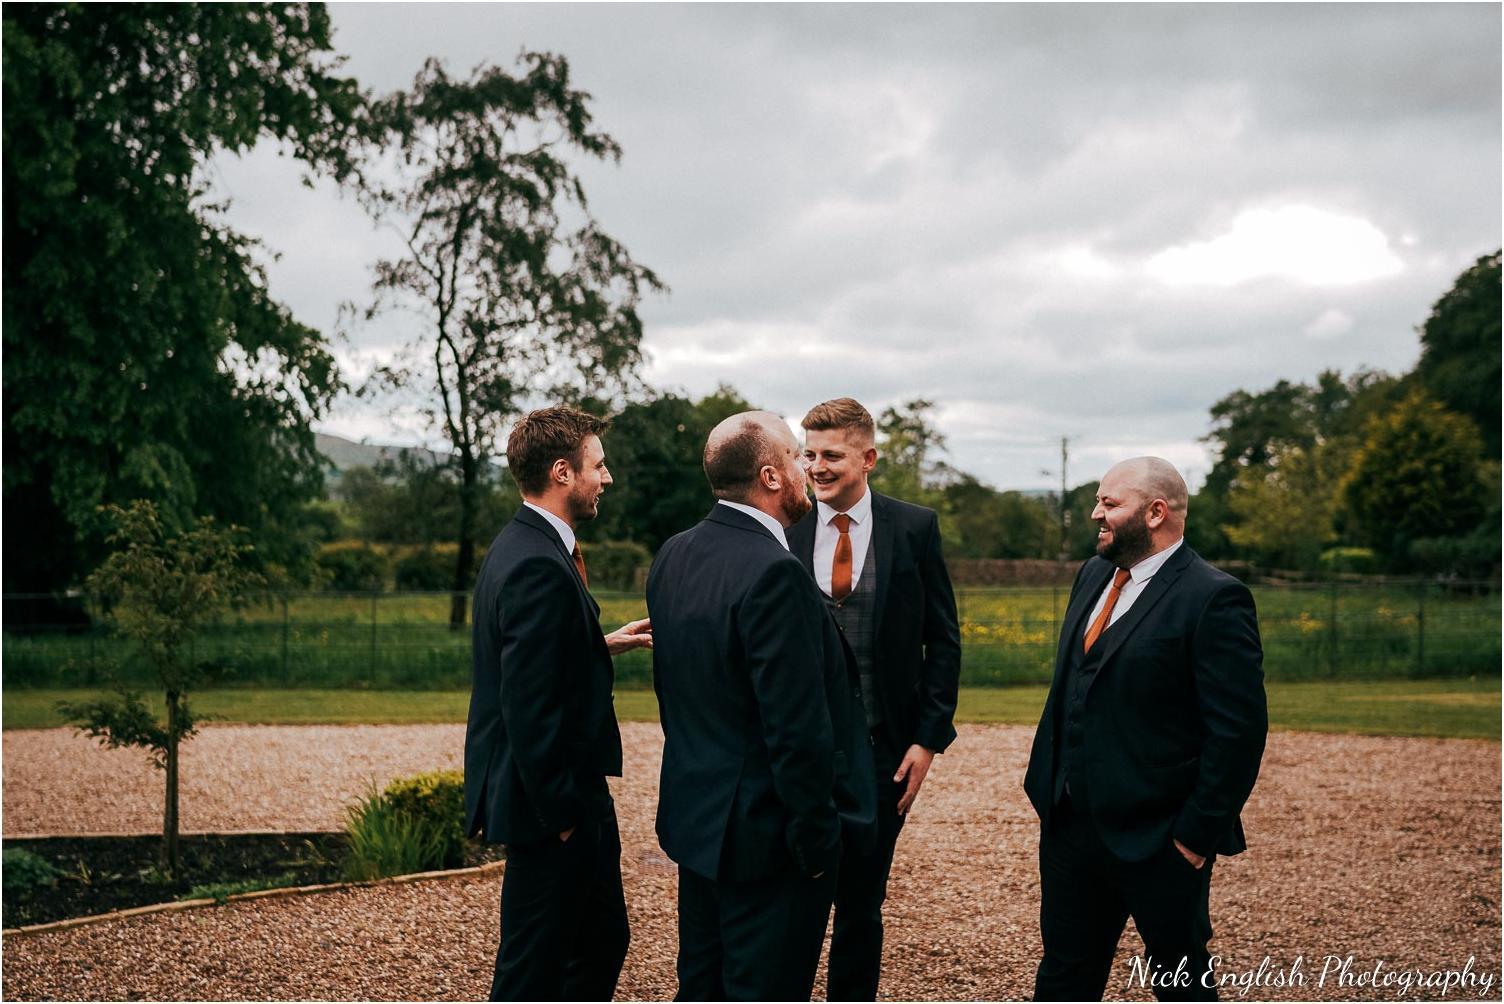 Browsholme_Hall_Wedding_Photograph-44.jpg